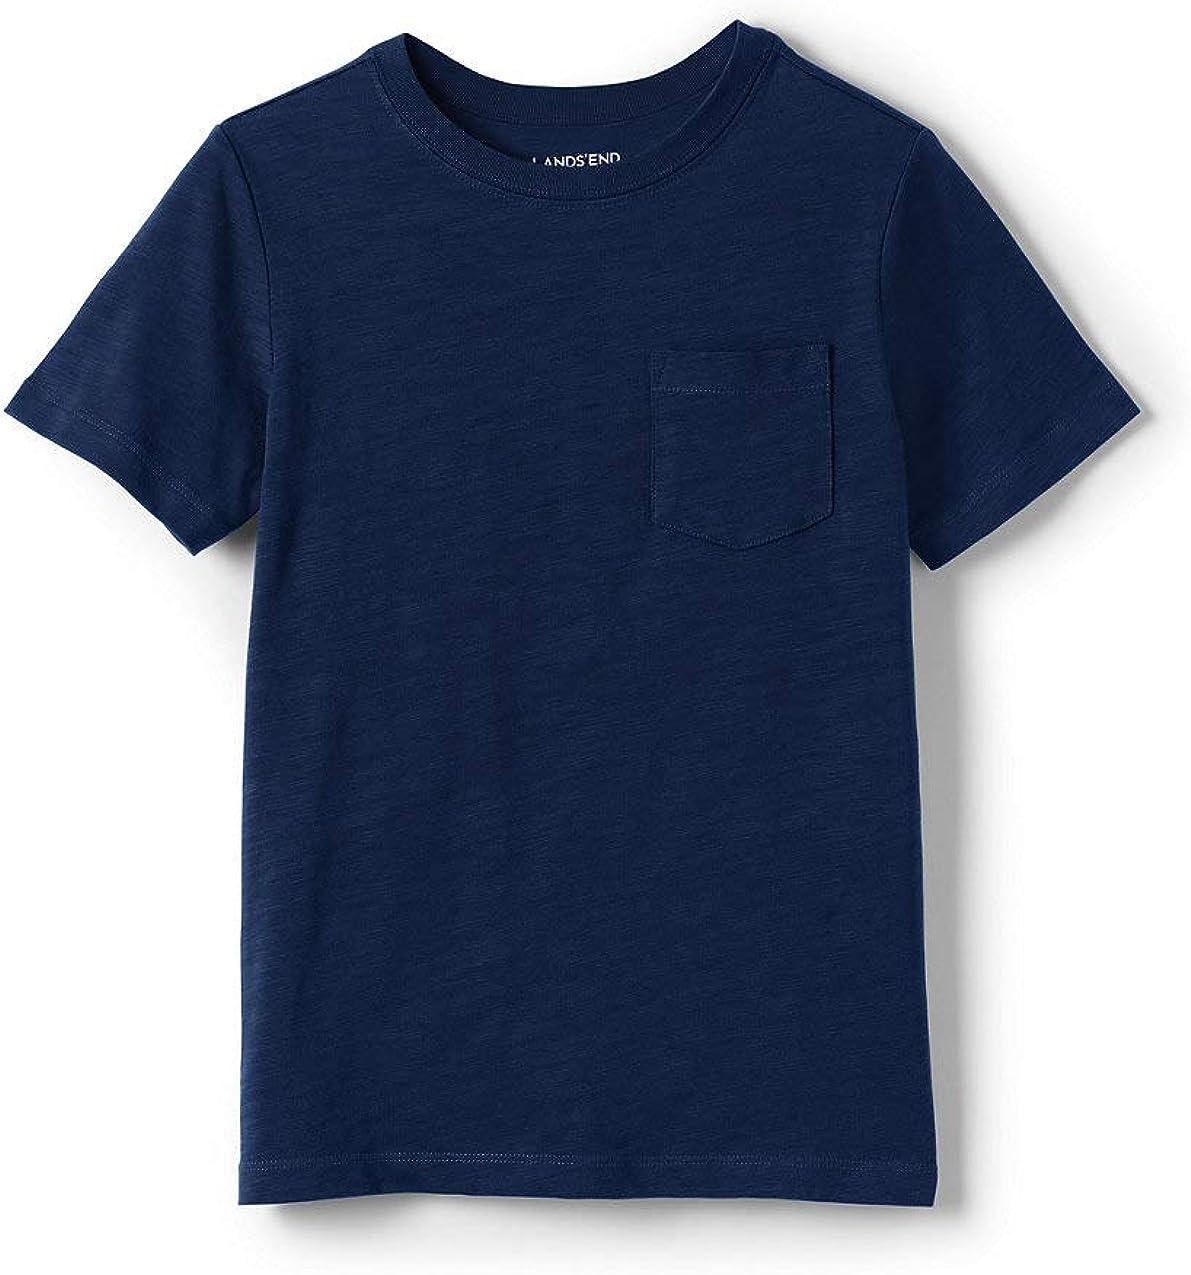 Lands' End Boys Solid Slub T Shirt